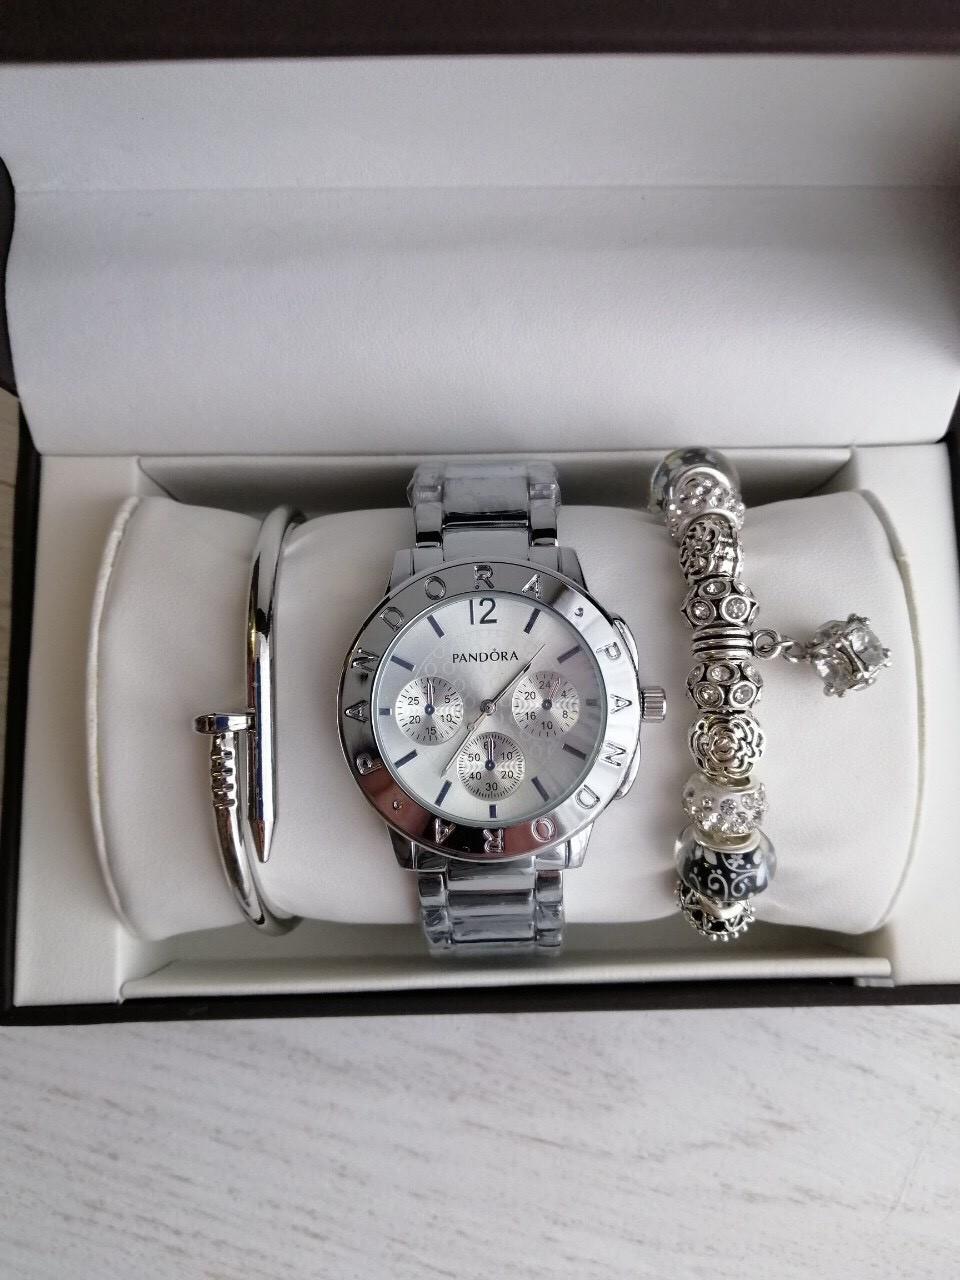 Женские часы Pandora (серебро + серебряный циферблат), Реплика